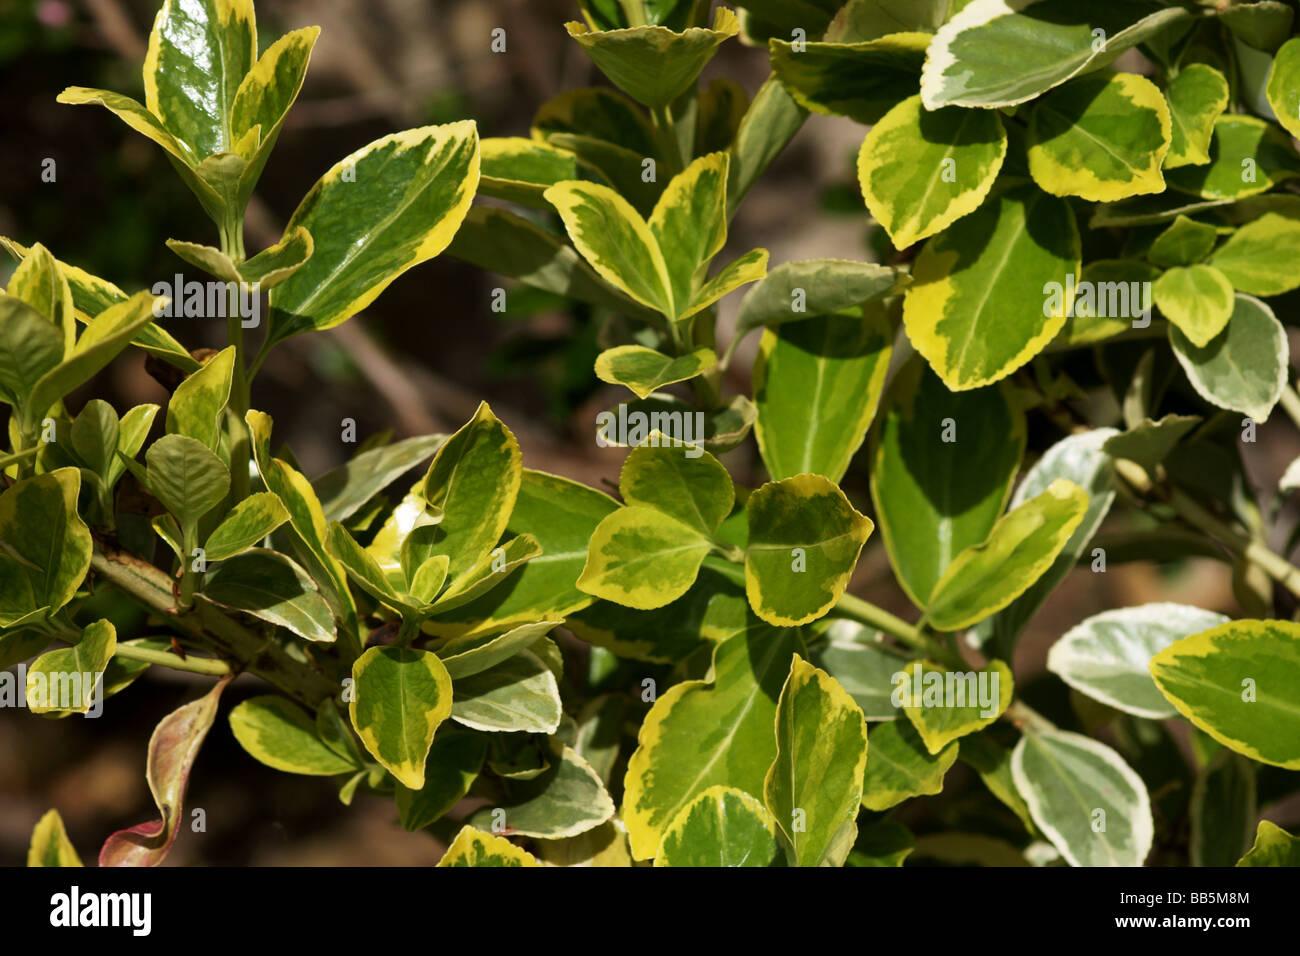 Evergreen euonymus stockfotos evergreen euonymus bilder for Evergreen pflanzen